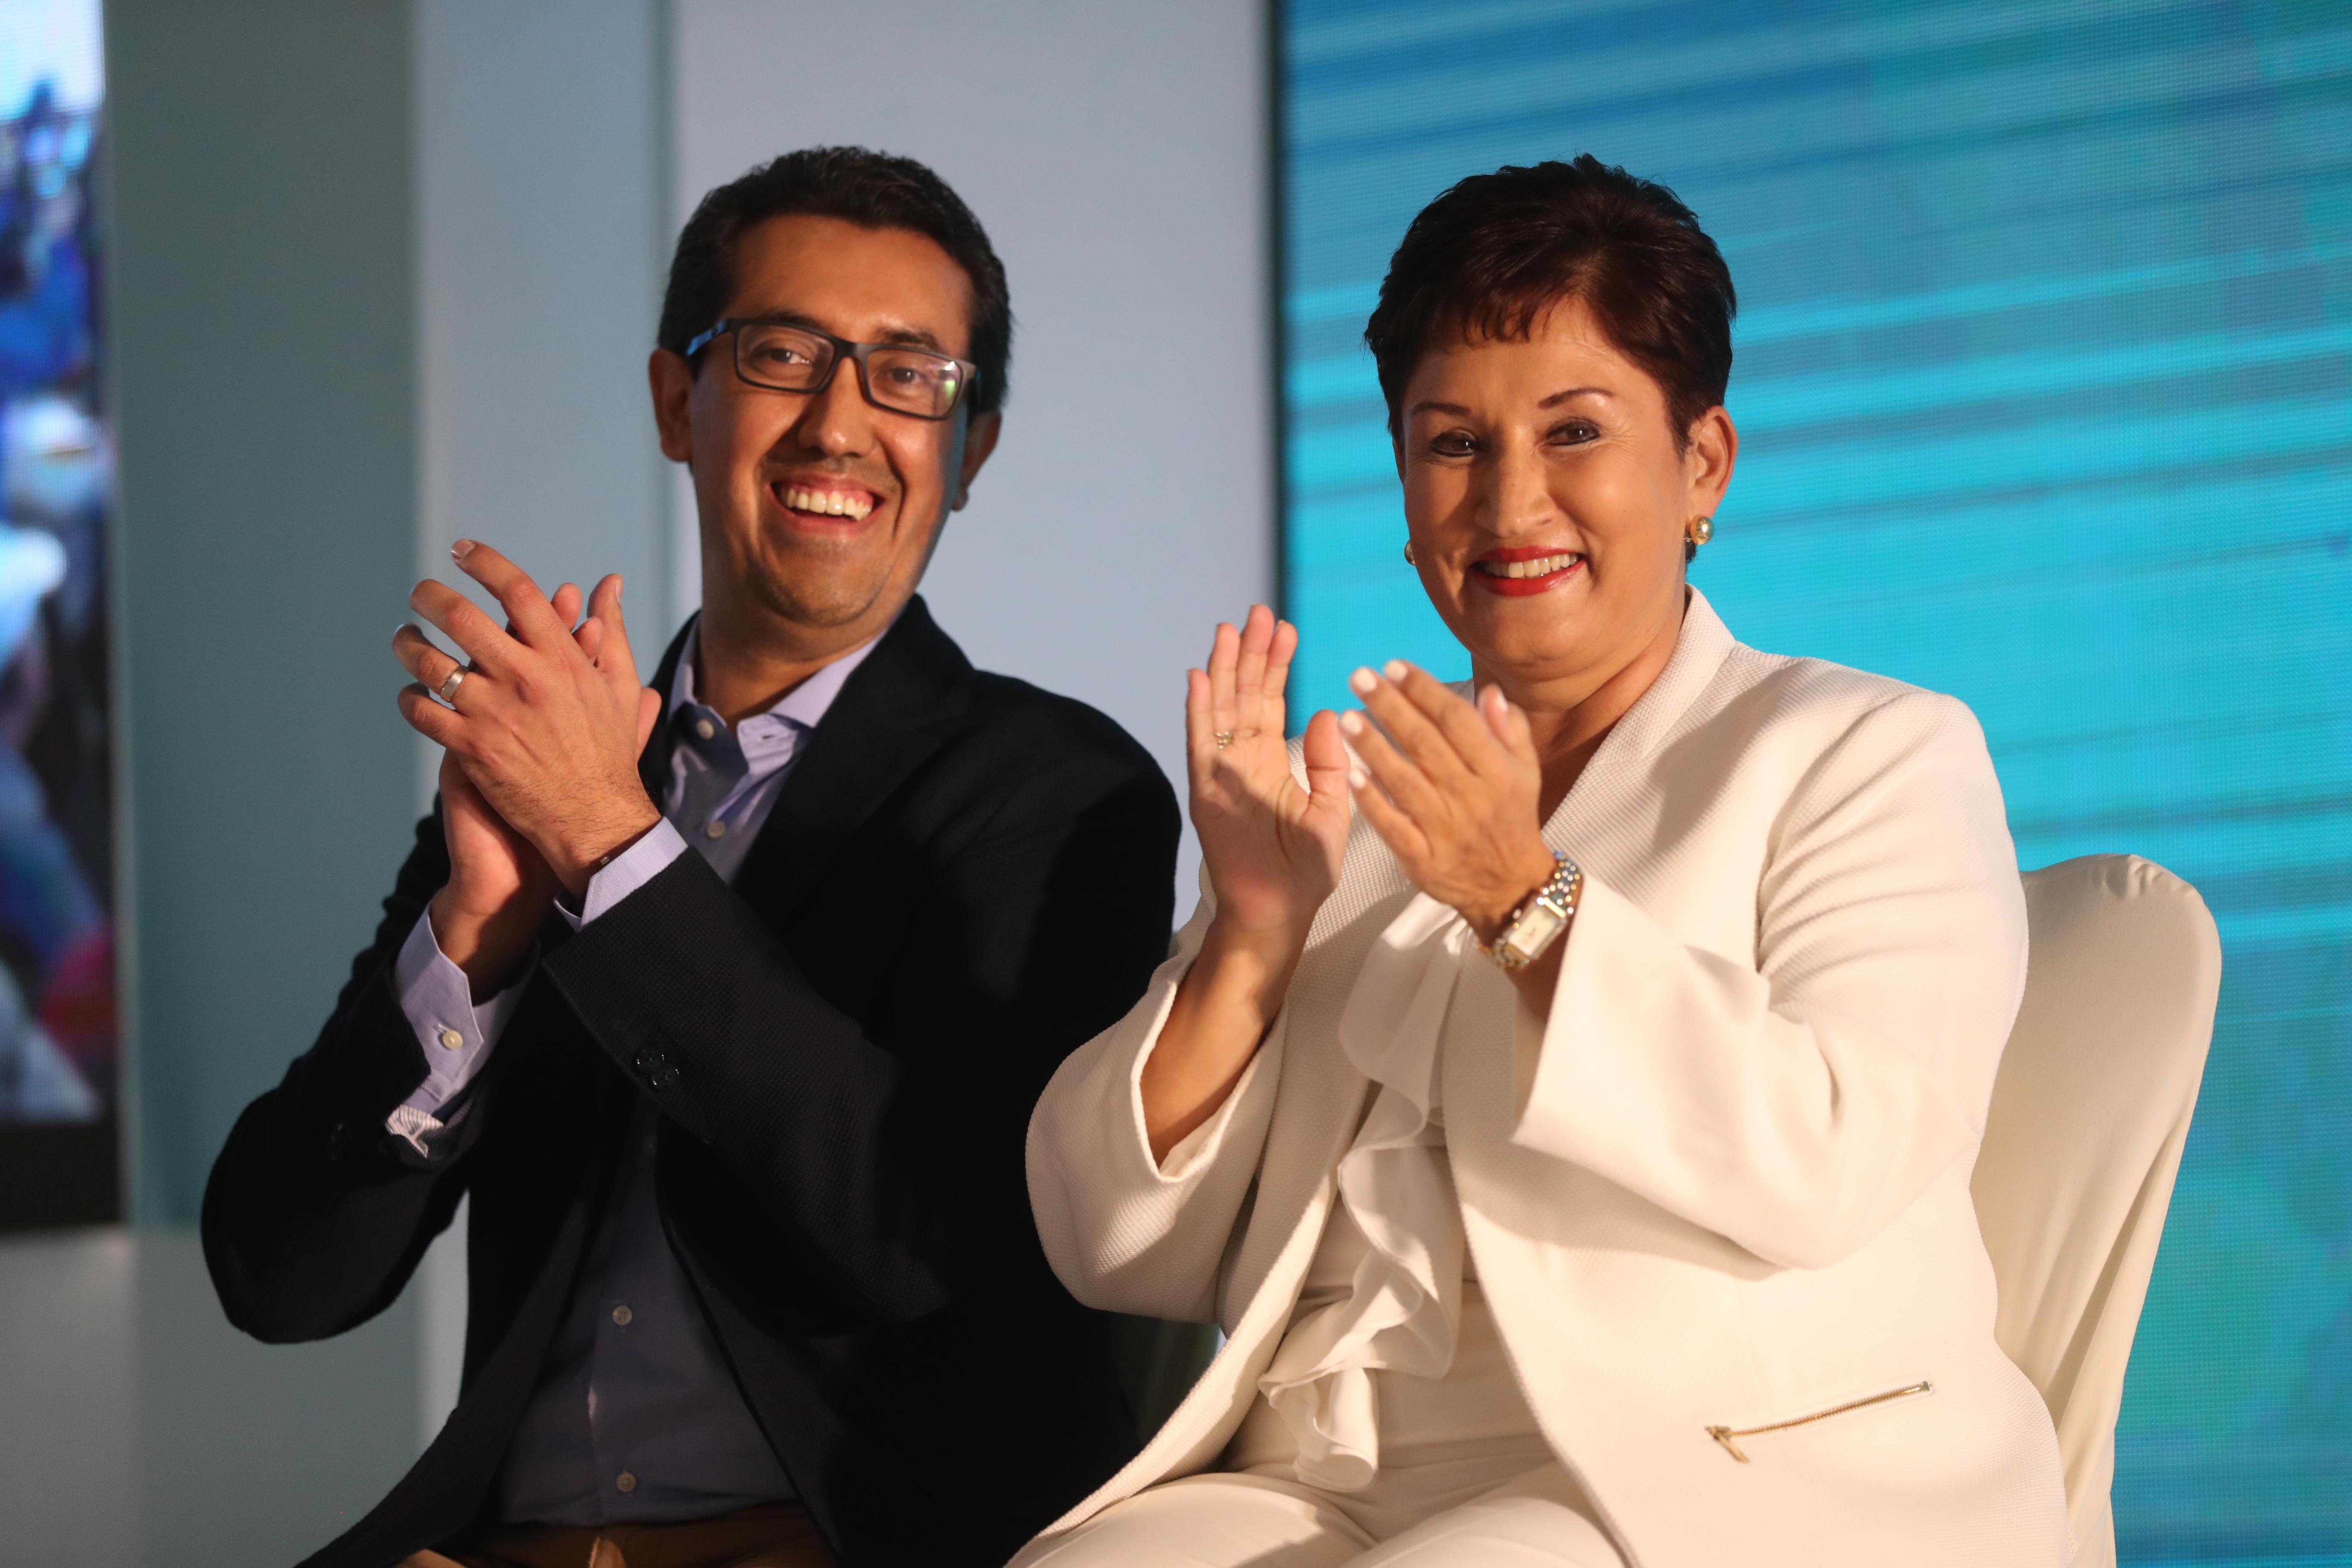 La exfiscal Thelma Aldana y el economista Jonathan Menkos fueron proclamados como binomio presidencial del partido  Movimiento Semilla el pasado 10 de marzo. (Foto Prensa Libre: Hemeroteca PL)